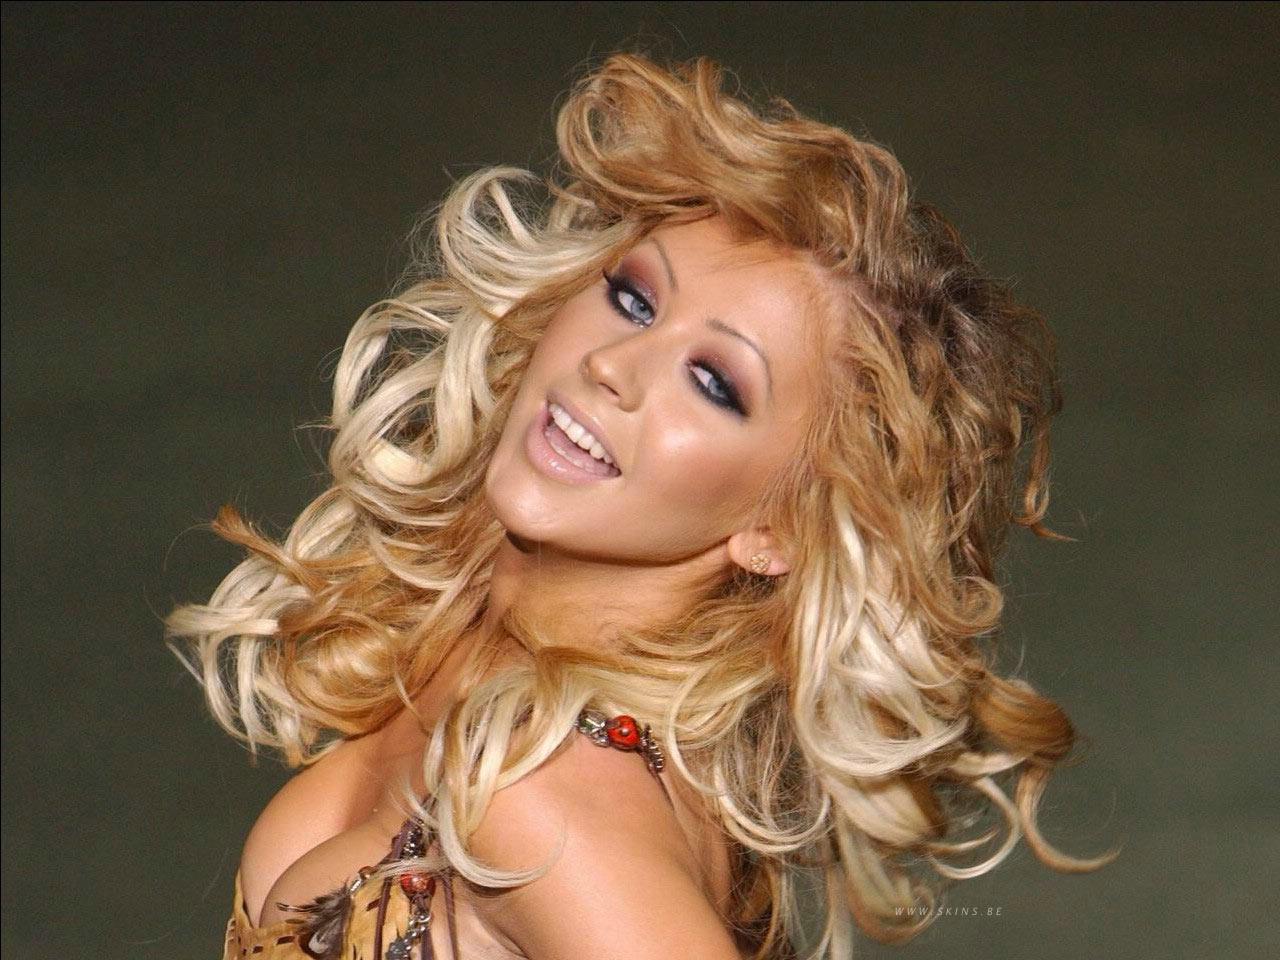 http://4.bp.blogspot.com/_ZelggTu08hA/TUO8PmjPM_I/AAAAAAAAIz8/6eW8OhFh1v8/s1600/Christina+Aguilera+%252843%2529.jpg